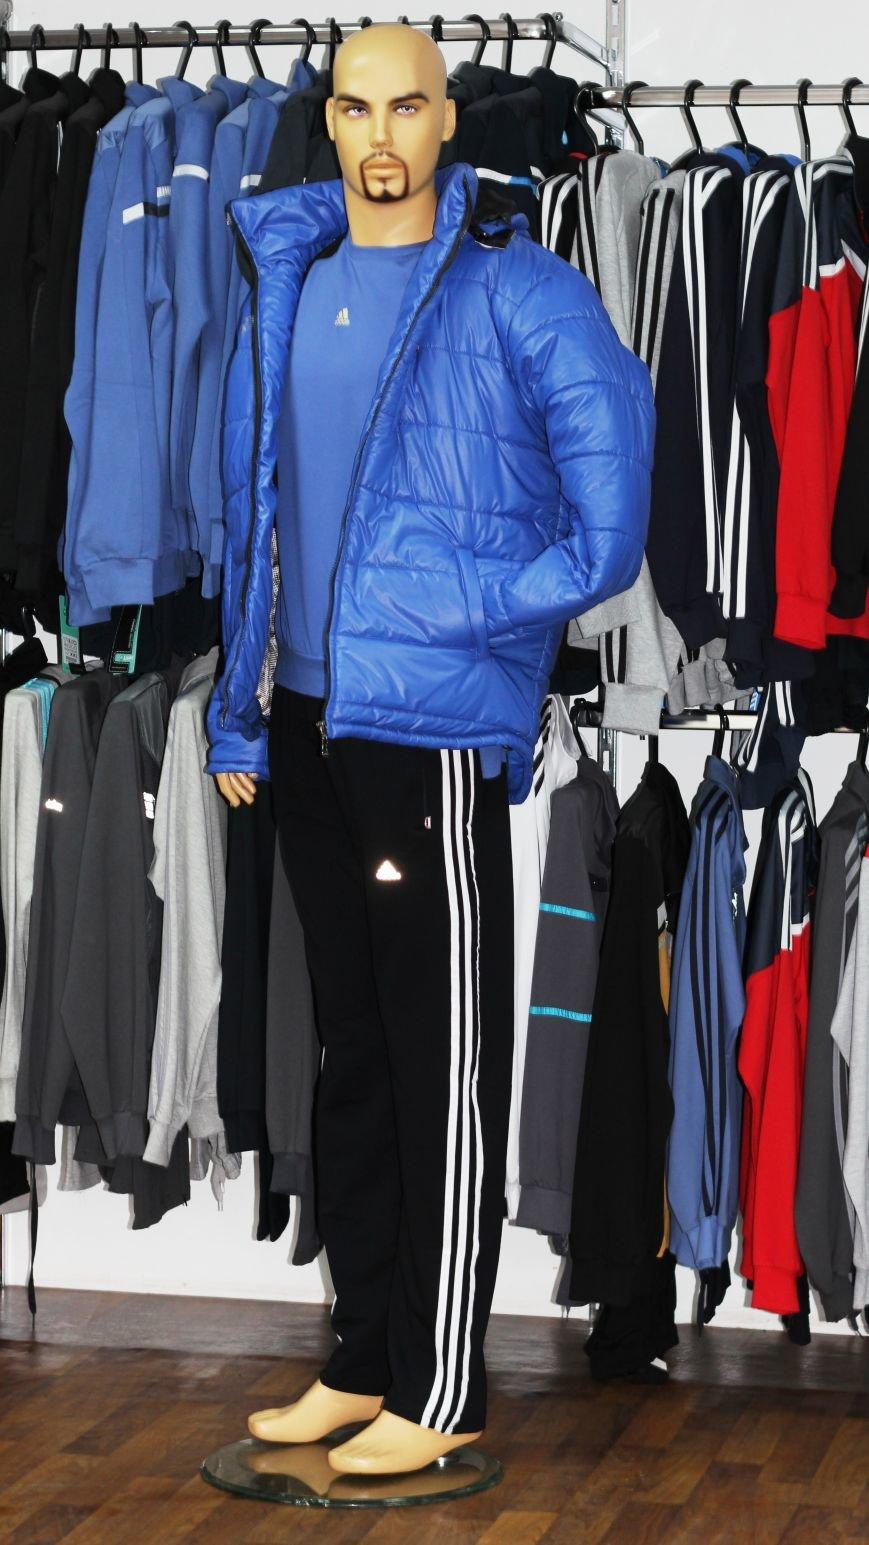 Выбирайте качественную спортивную одежду в Красноармейске вместе с магазином «TerraSport», фото-6